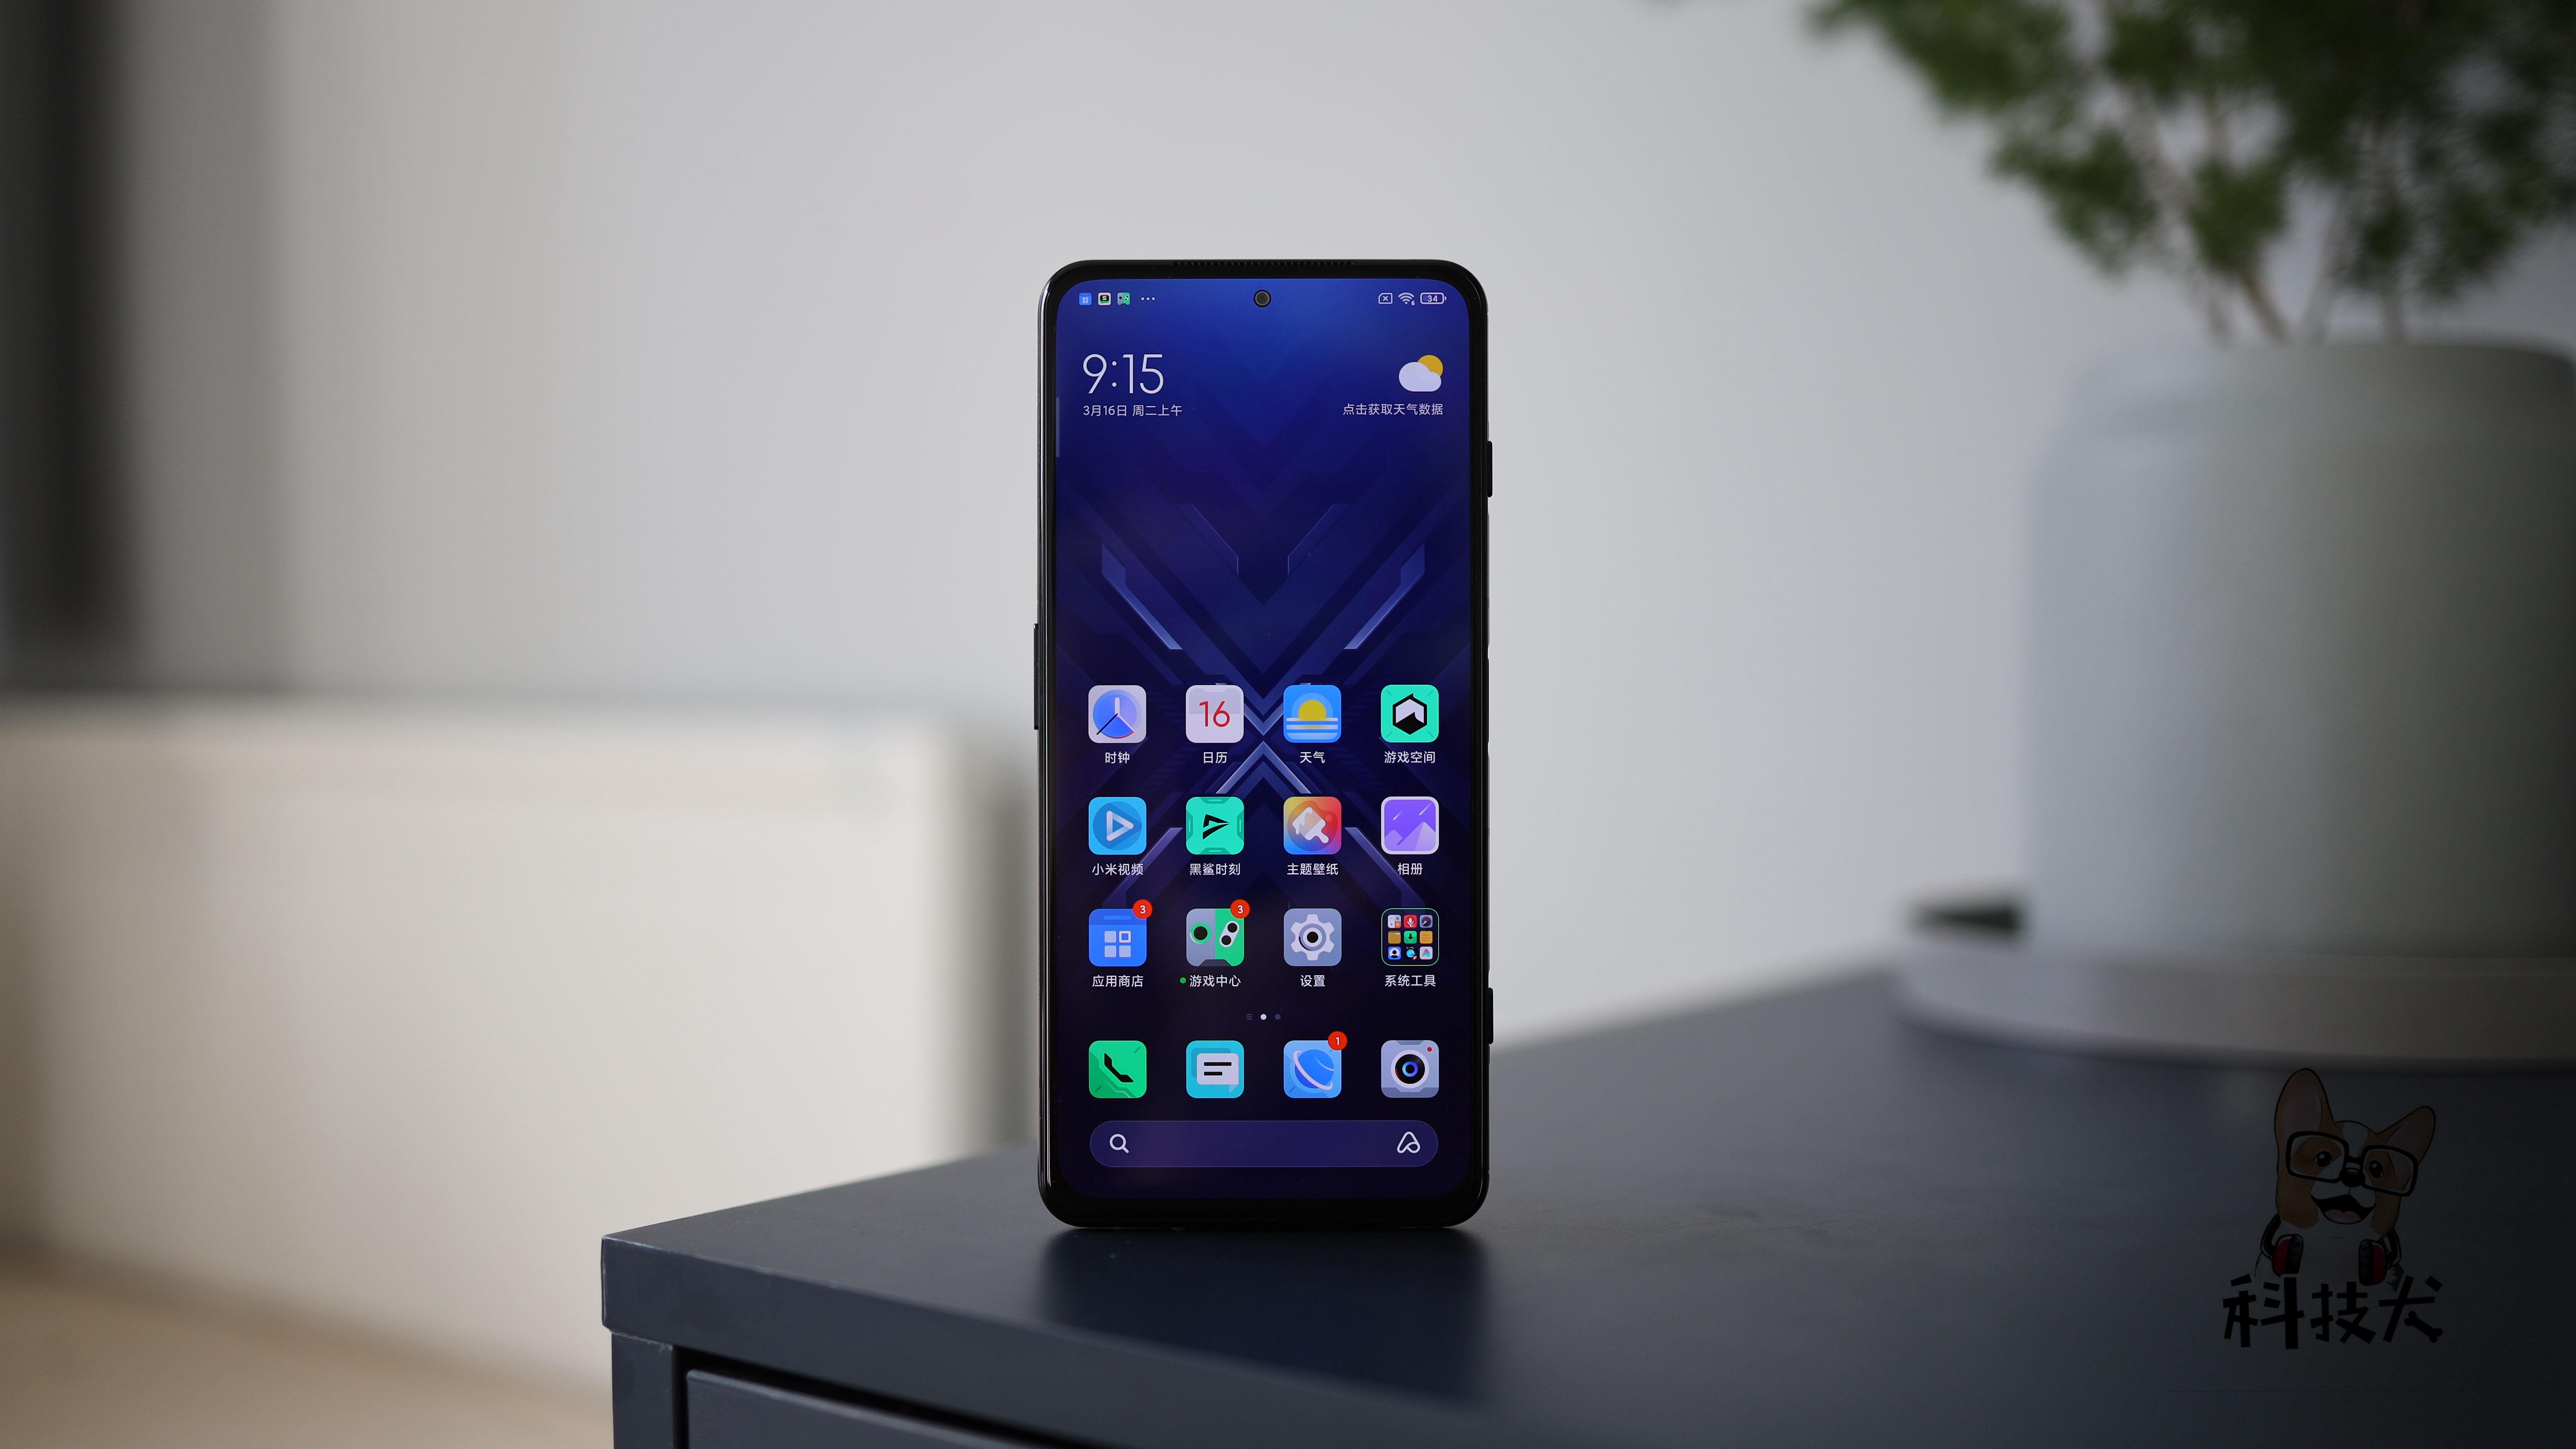 「科技犬」市售120W闪充5G旗舰手机盘点:iQOO小米红魔黑鲨 四选一